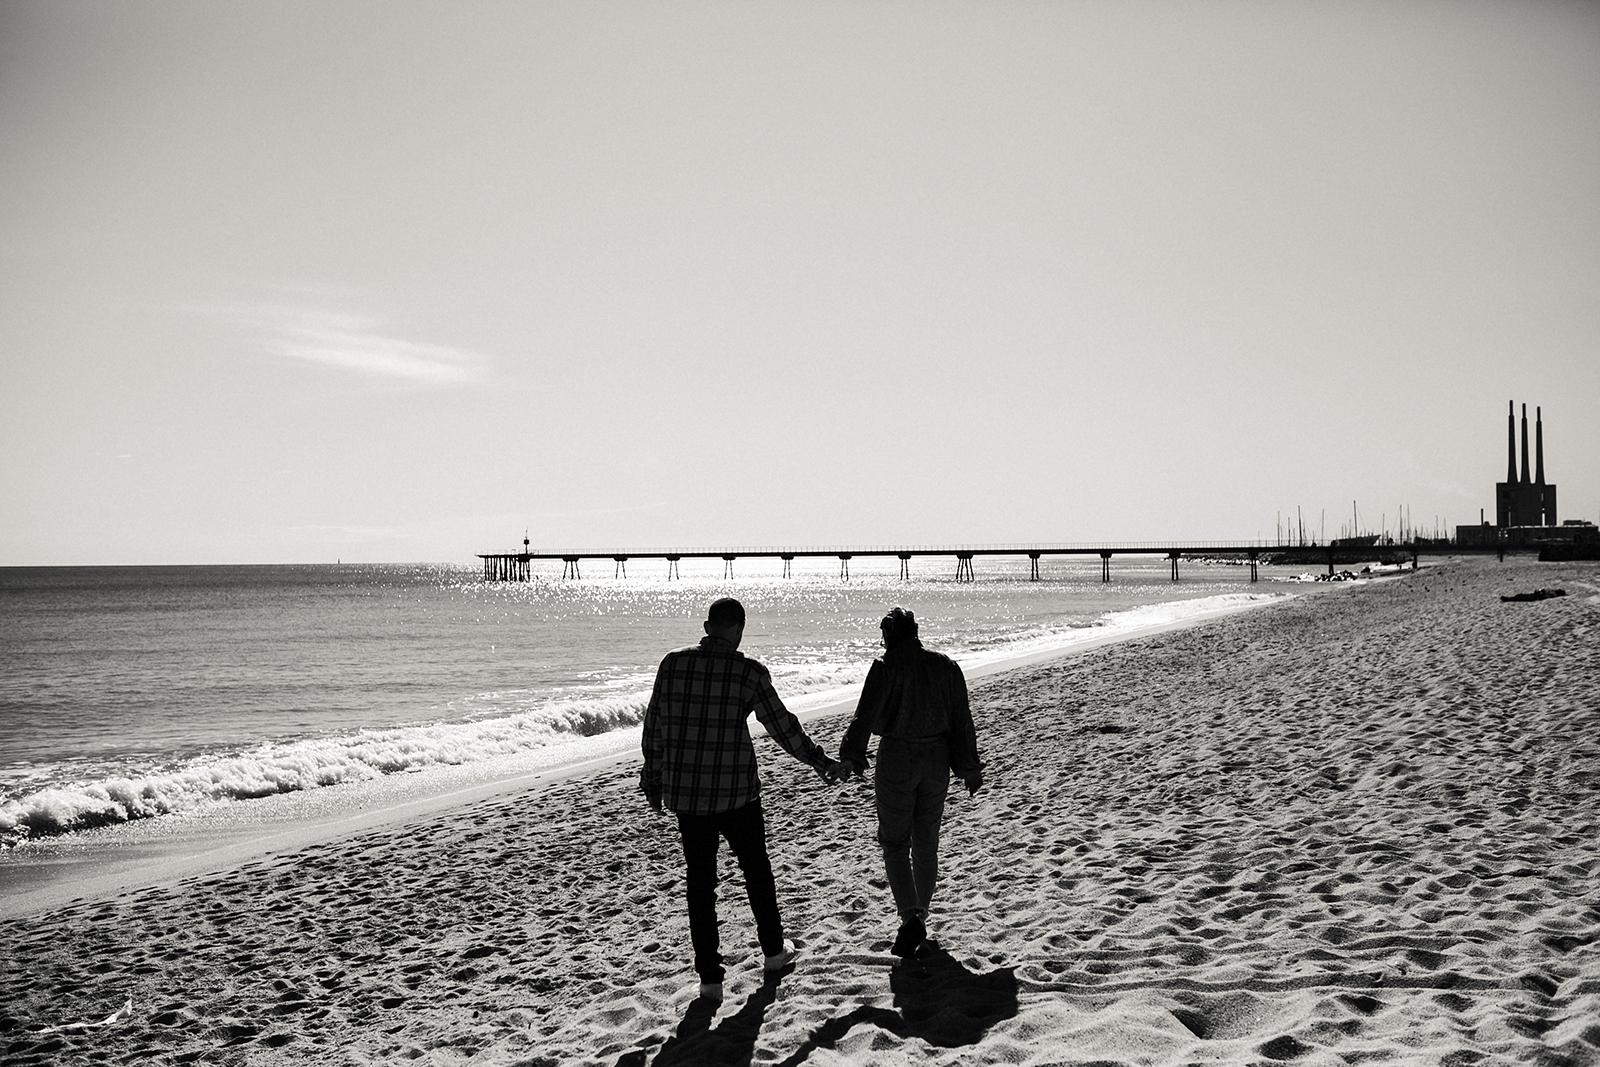 El pont del petroli, Badalona.